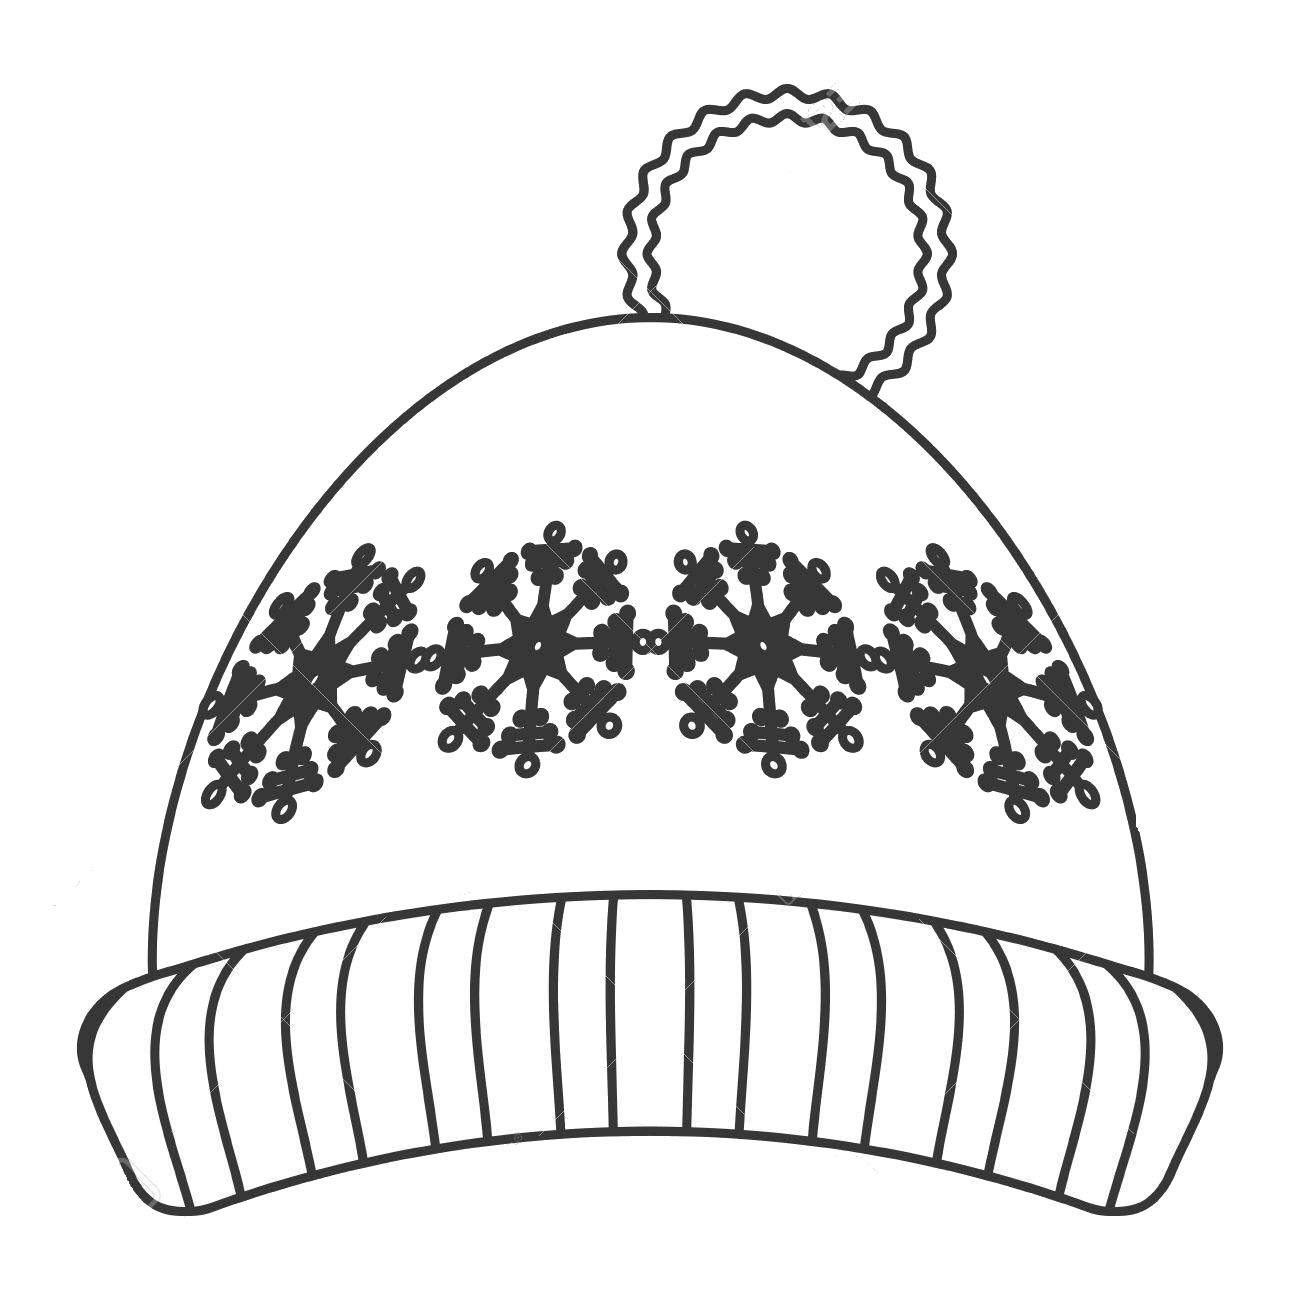 Tranh tô màu mũ len mùa đông